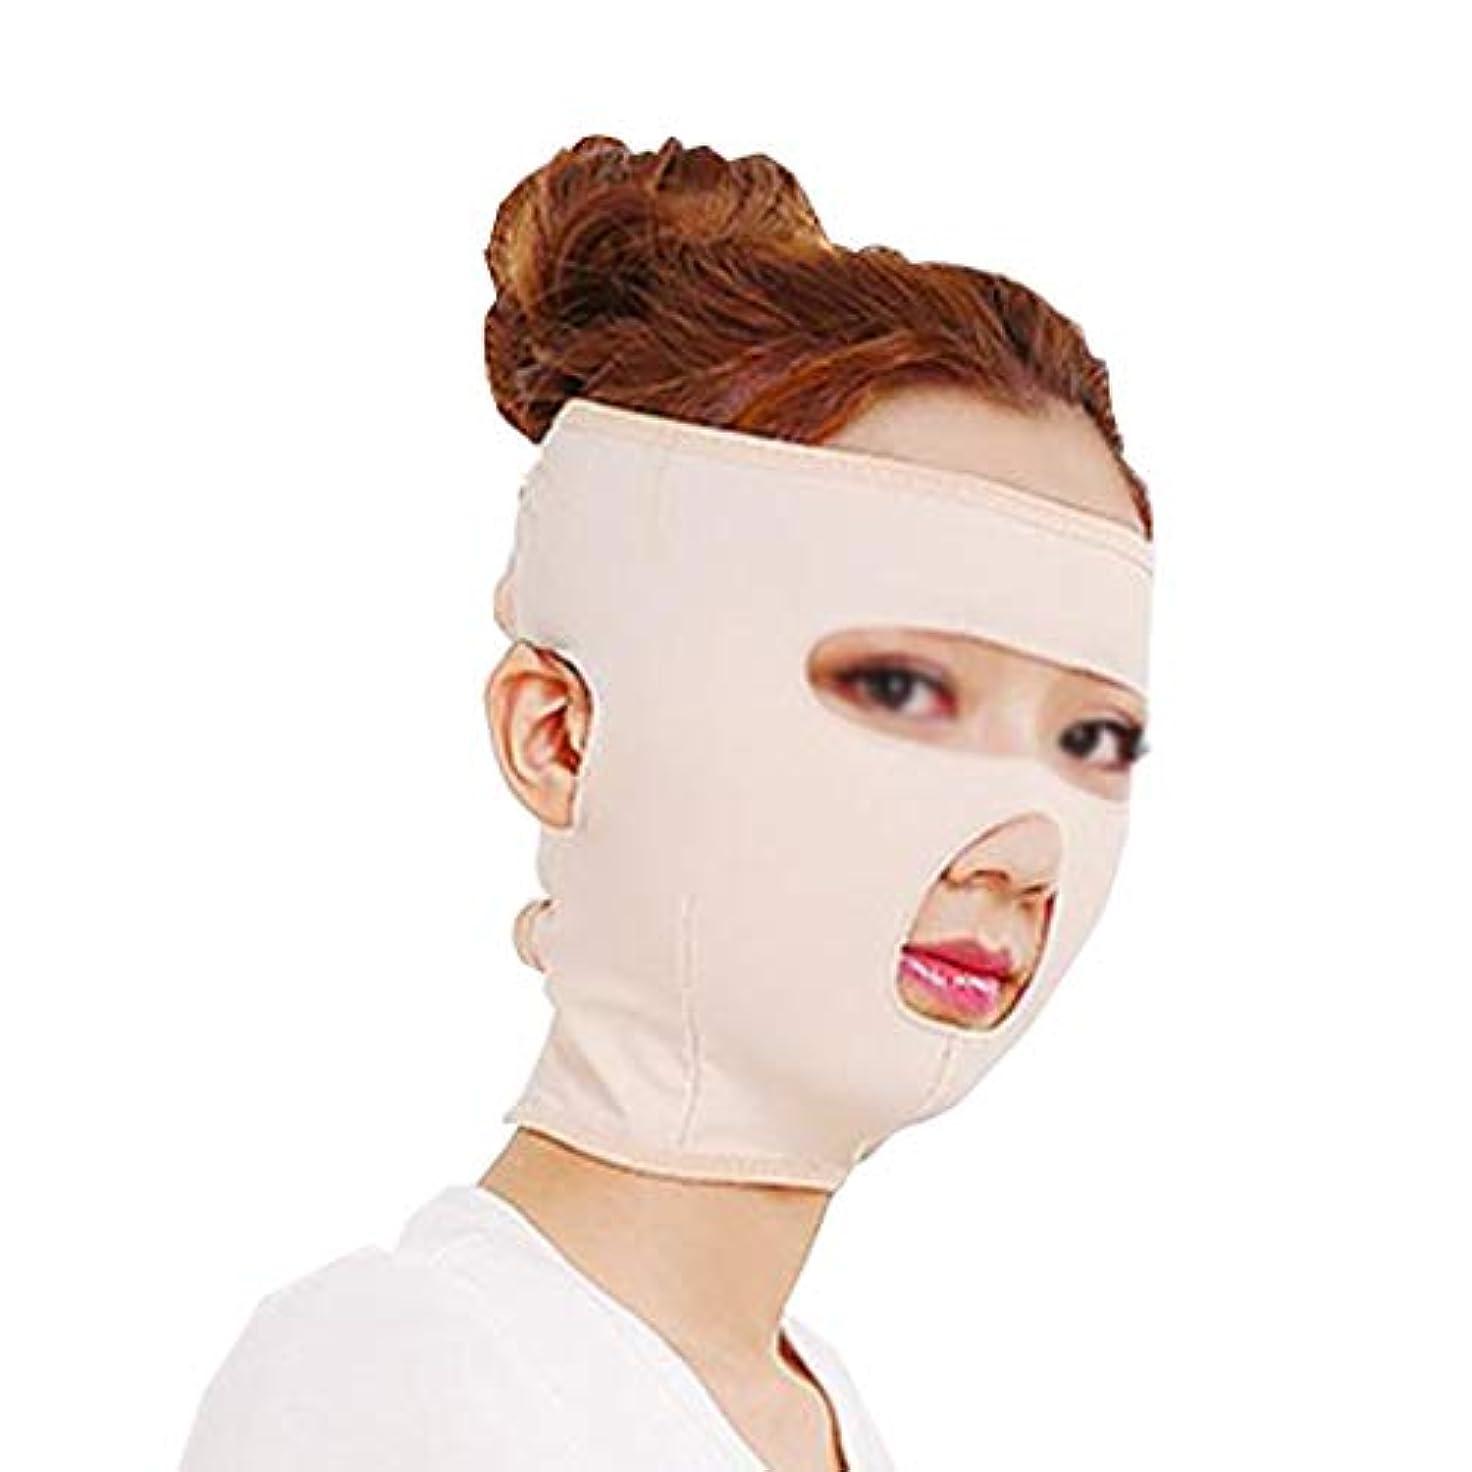 鉄道フリンジ亡命ZWBD フェイスマスク, 強力なフェイスマスクフェイスマスクフェイスウェイトバンデージファーミングフェイスマスクフェイスマスク